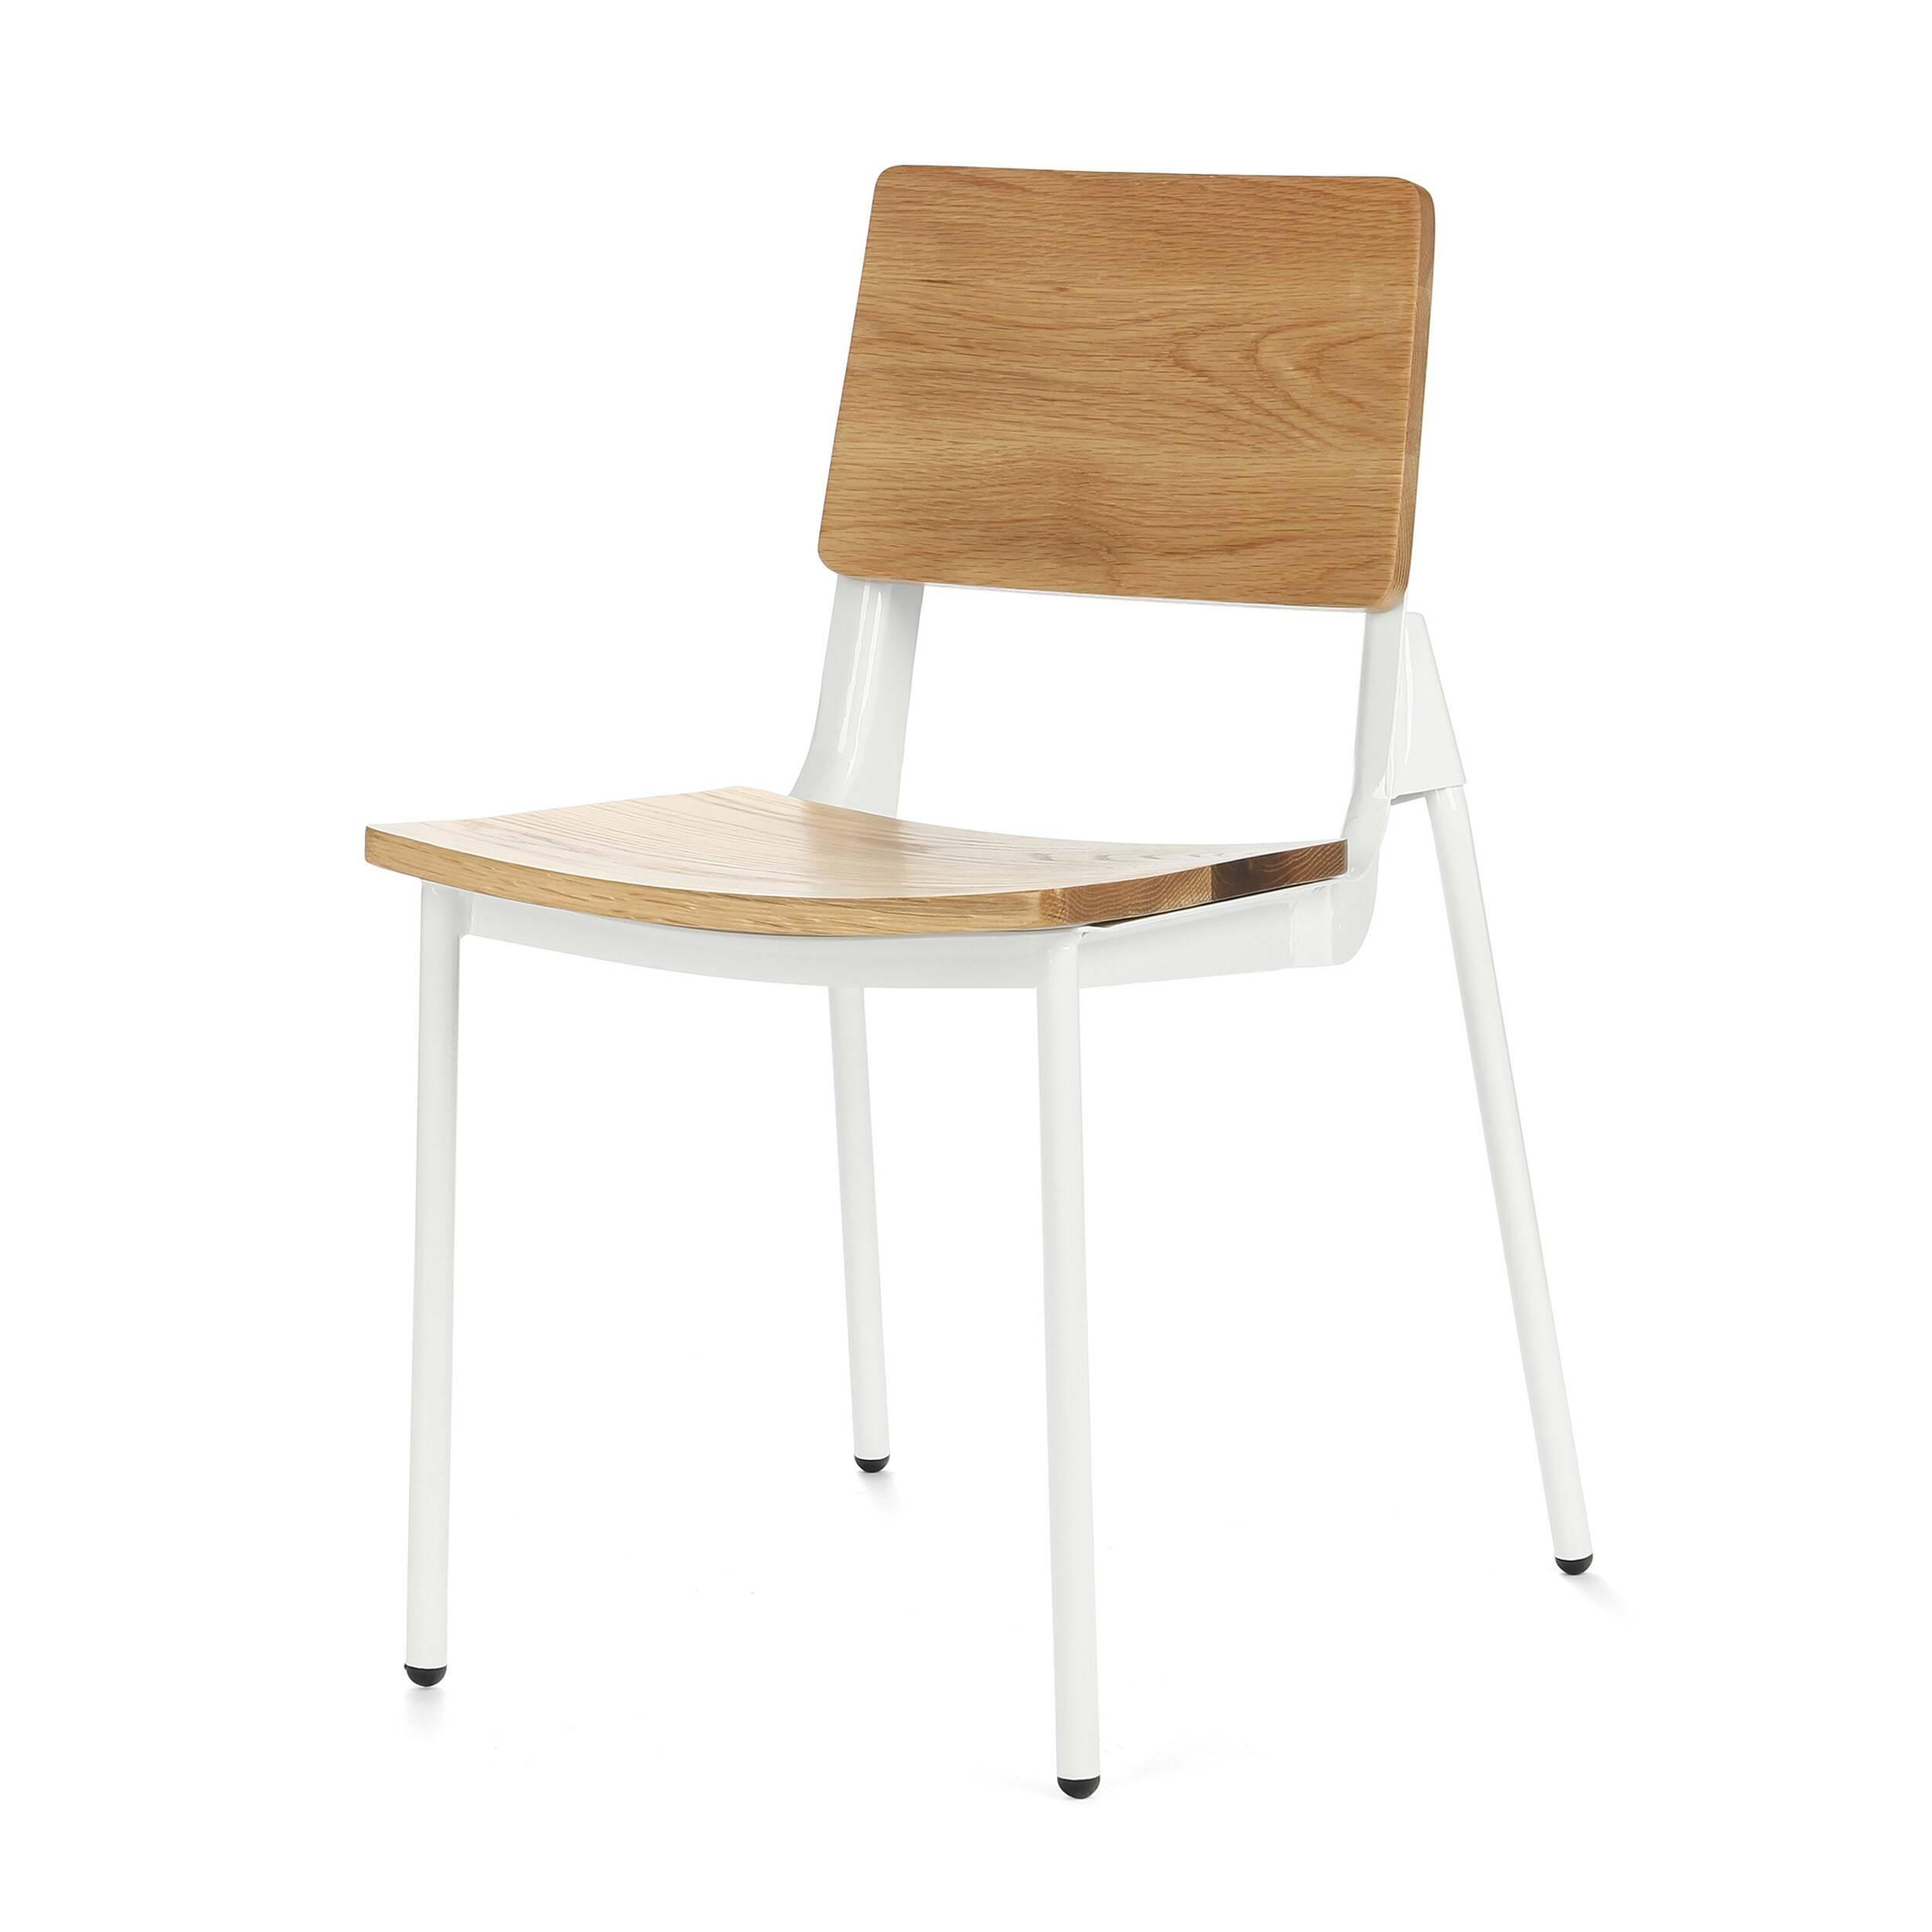 Стул JoniИнтерьерные<br>Дизайнерский стул Joni (Джони) на стальном каркасе с сиденьем и спинкой из дерева от Cosmo (Космо).<br>В погоне за новаторством нередко случается и возврат к истокам. Ведь классика — это не издержки прошлого, а благородная традиция.<br> <br> Стул Joni — это дизайнерский стул, скомбинированный из традиционных атрибутов этого типа изделия, а также пары свежих штрихов. <br> Модель стула представляет собой классическую конструкцию ученического стула, схожую по дизайну и материалам. Нового в нем — две зад...<br><br>stock: 27<br>Высота: 80<br>Ширина: 46<br>Глубина: 52<br>Тип материала каркаса: Сталь<br>Материал сидения: Массив дуба<br>Цвет сидения: Дуб<br>Тип материала сидения: Дерево<br>Цвет каркаса: Белый